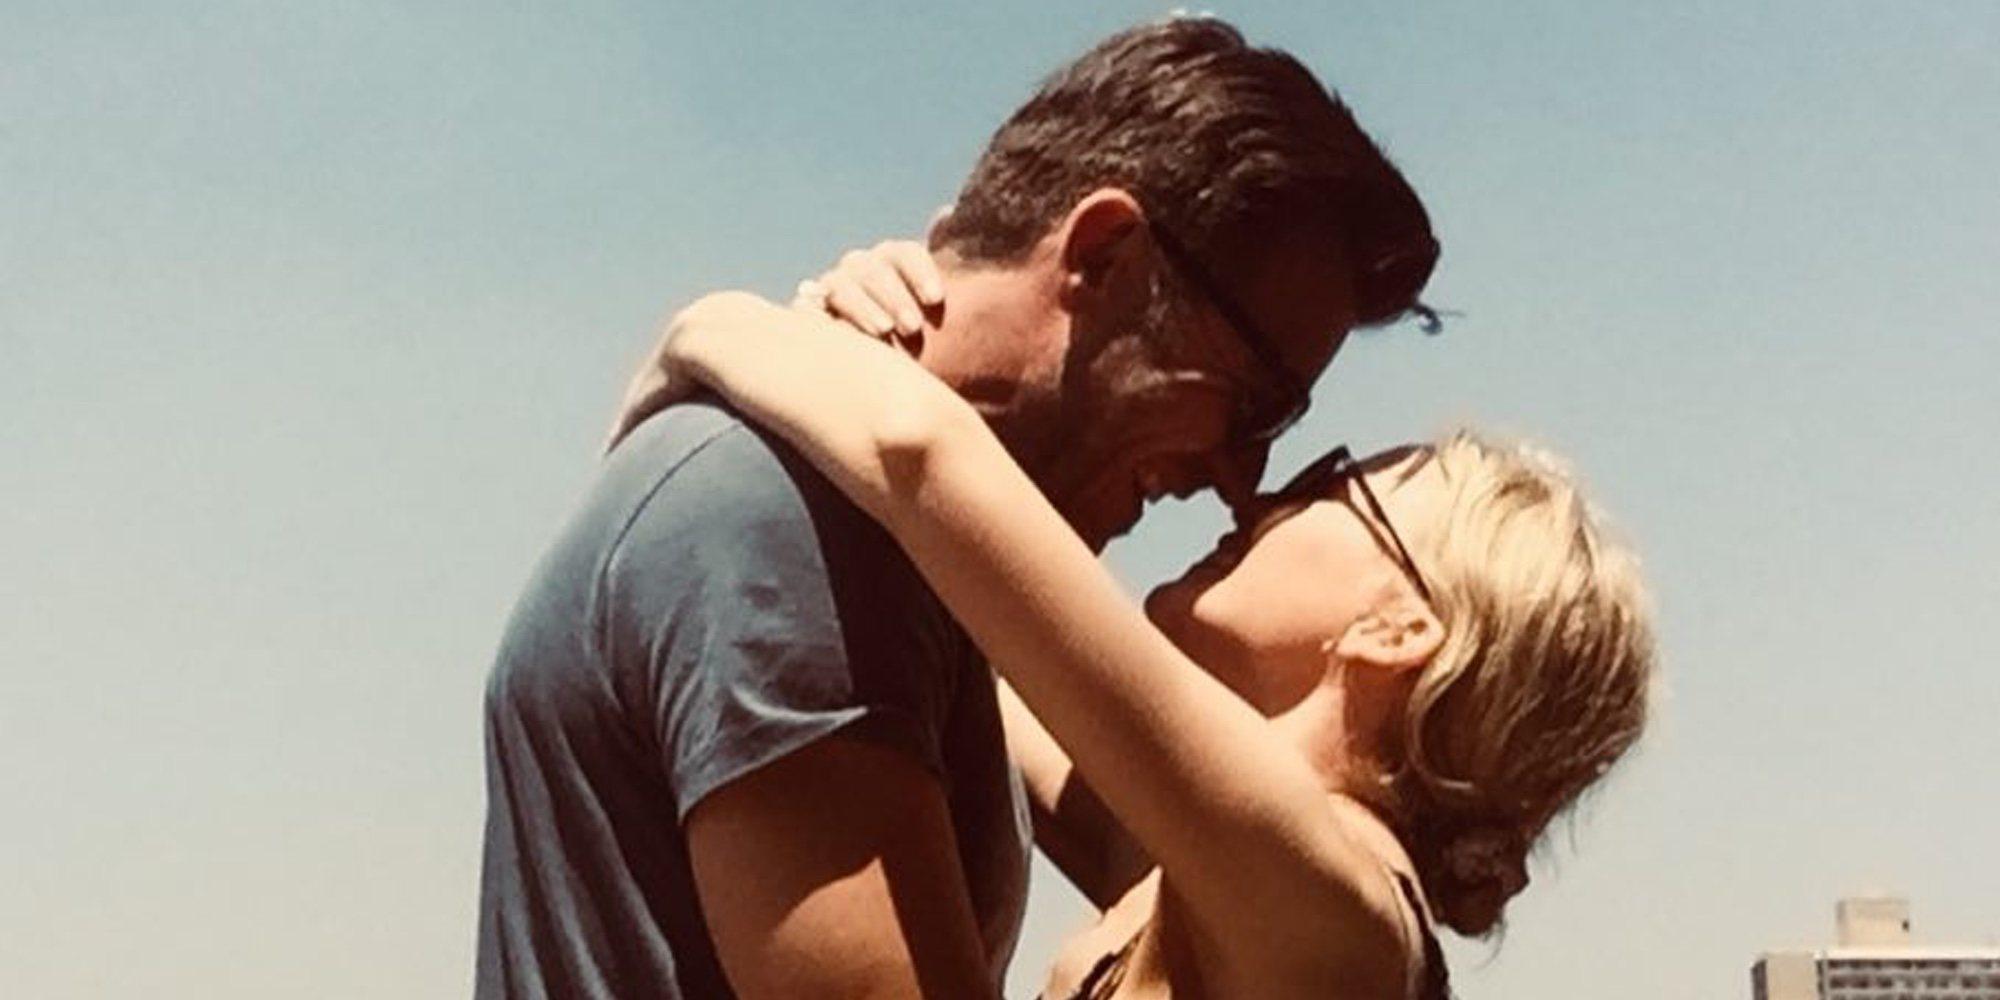 Kylie Minogue confirma su relación con Paul Solomons